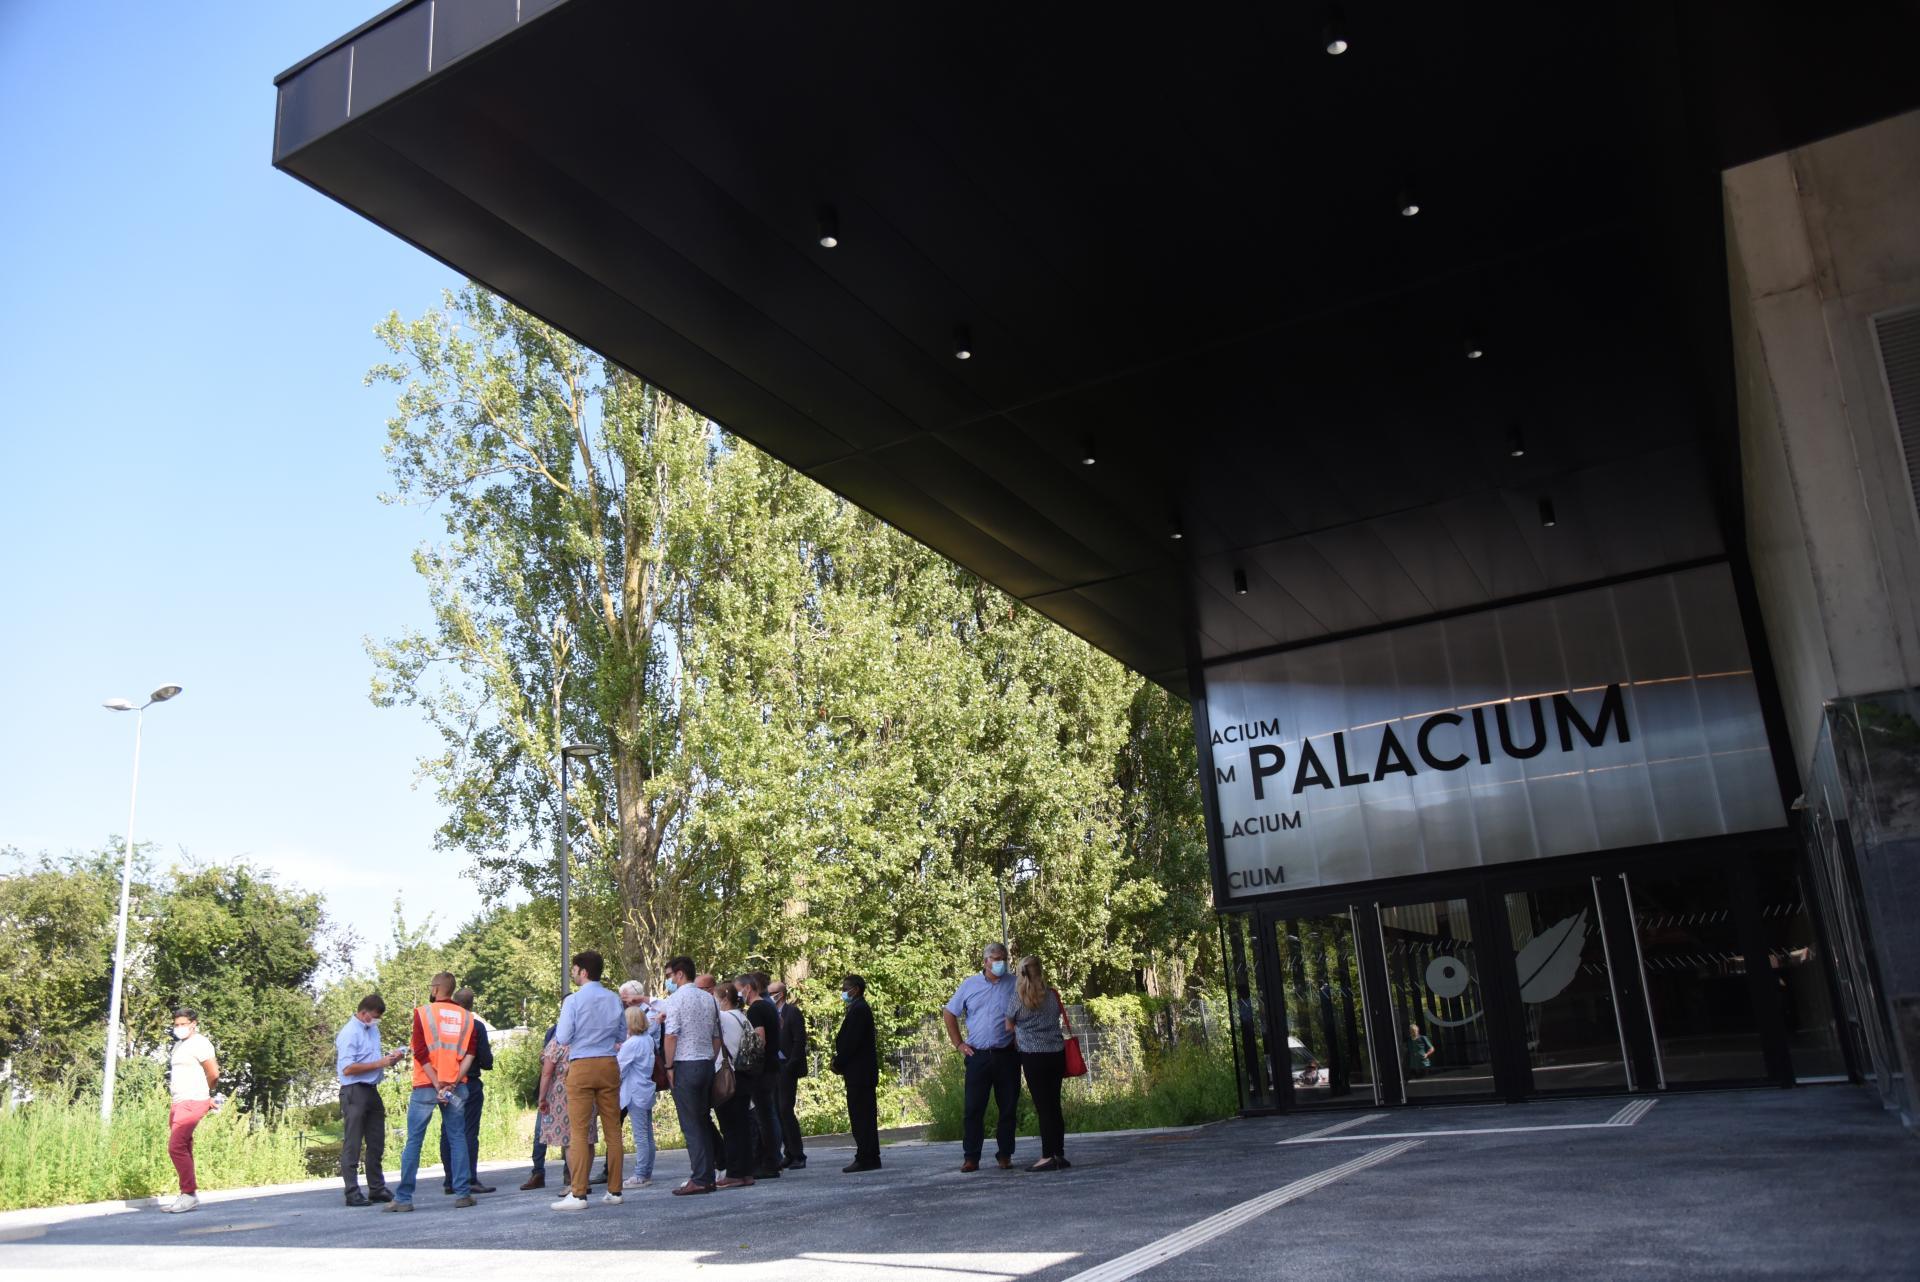 Palacium